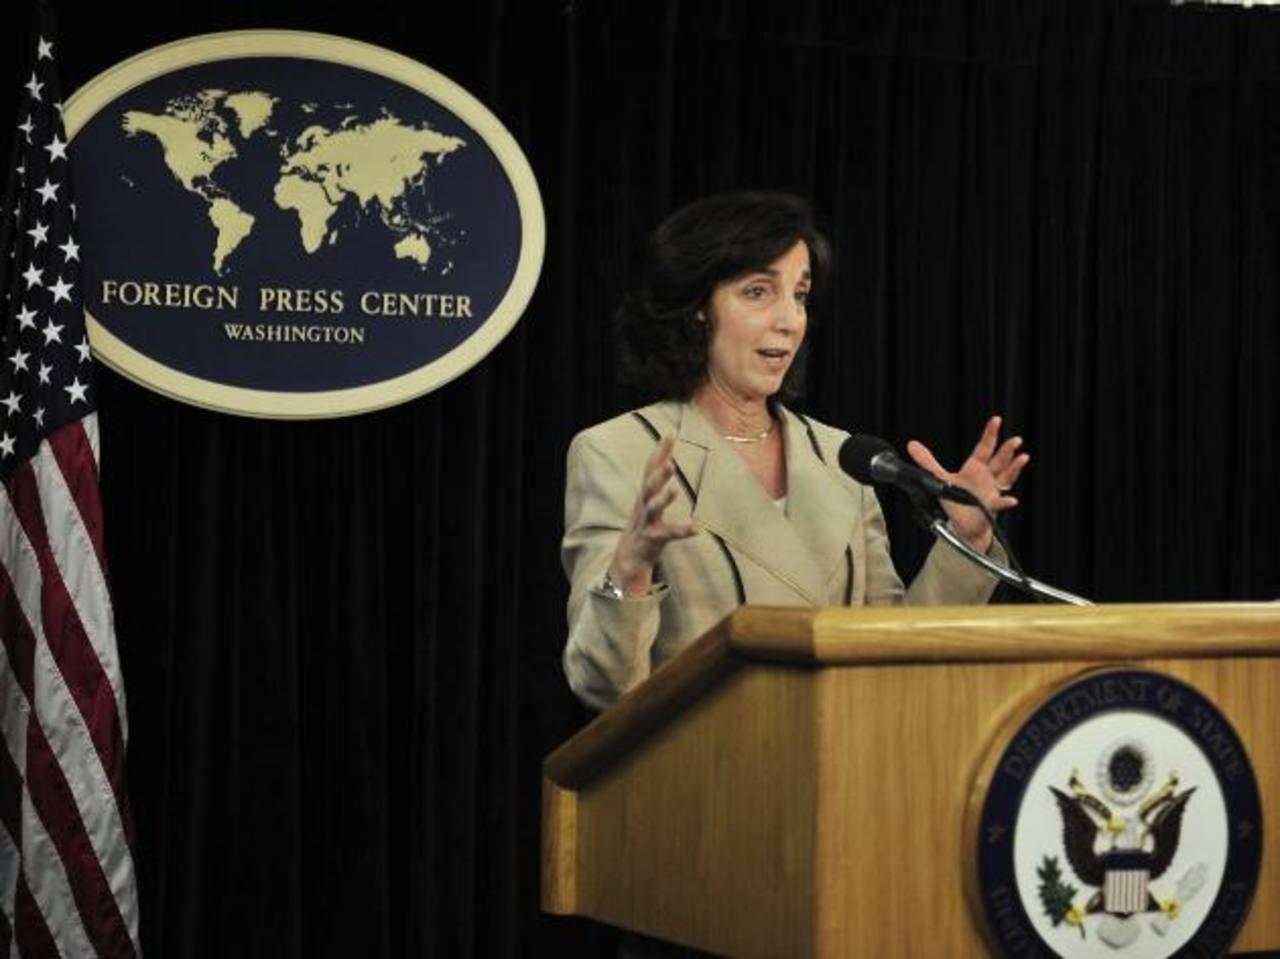 La secretaria de Estado adjunta de EE. UU. para Latinoamérica, Roberta Jacobson, lanzó la petición durante una conferencia en el marco de la Asamblea de la ONU. Foto EDH / archivo